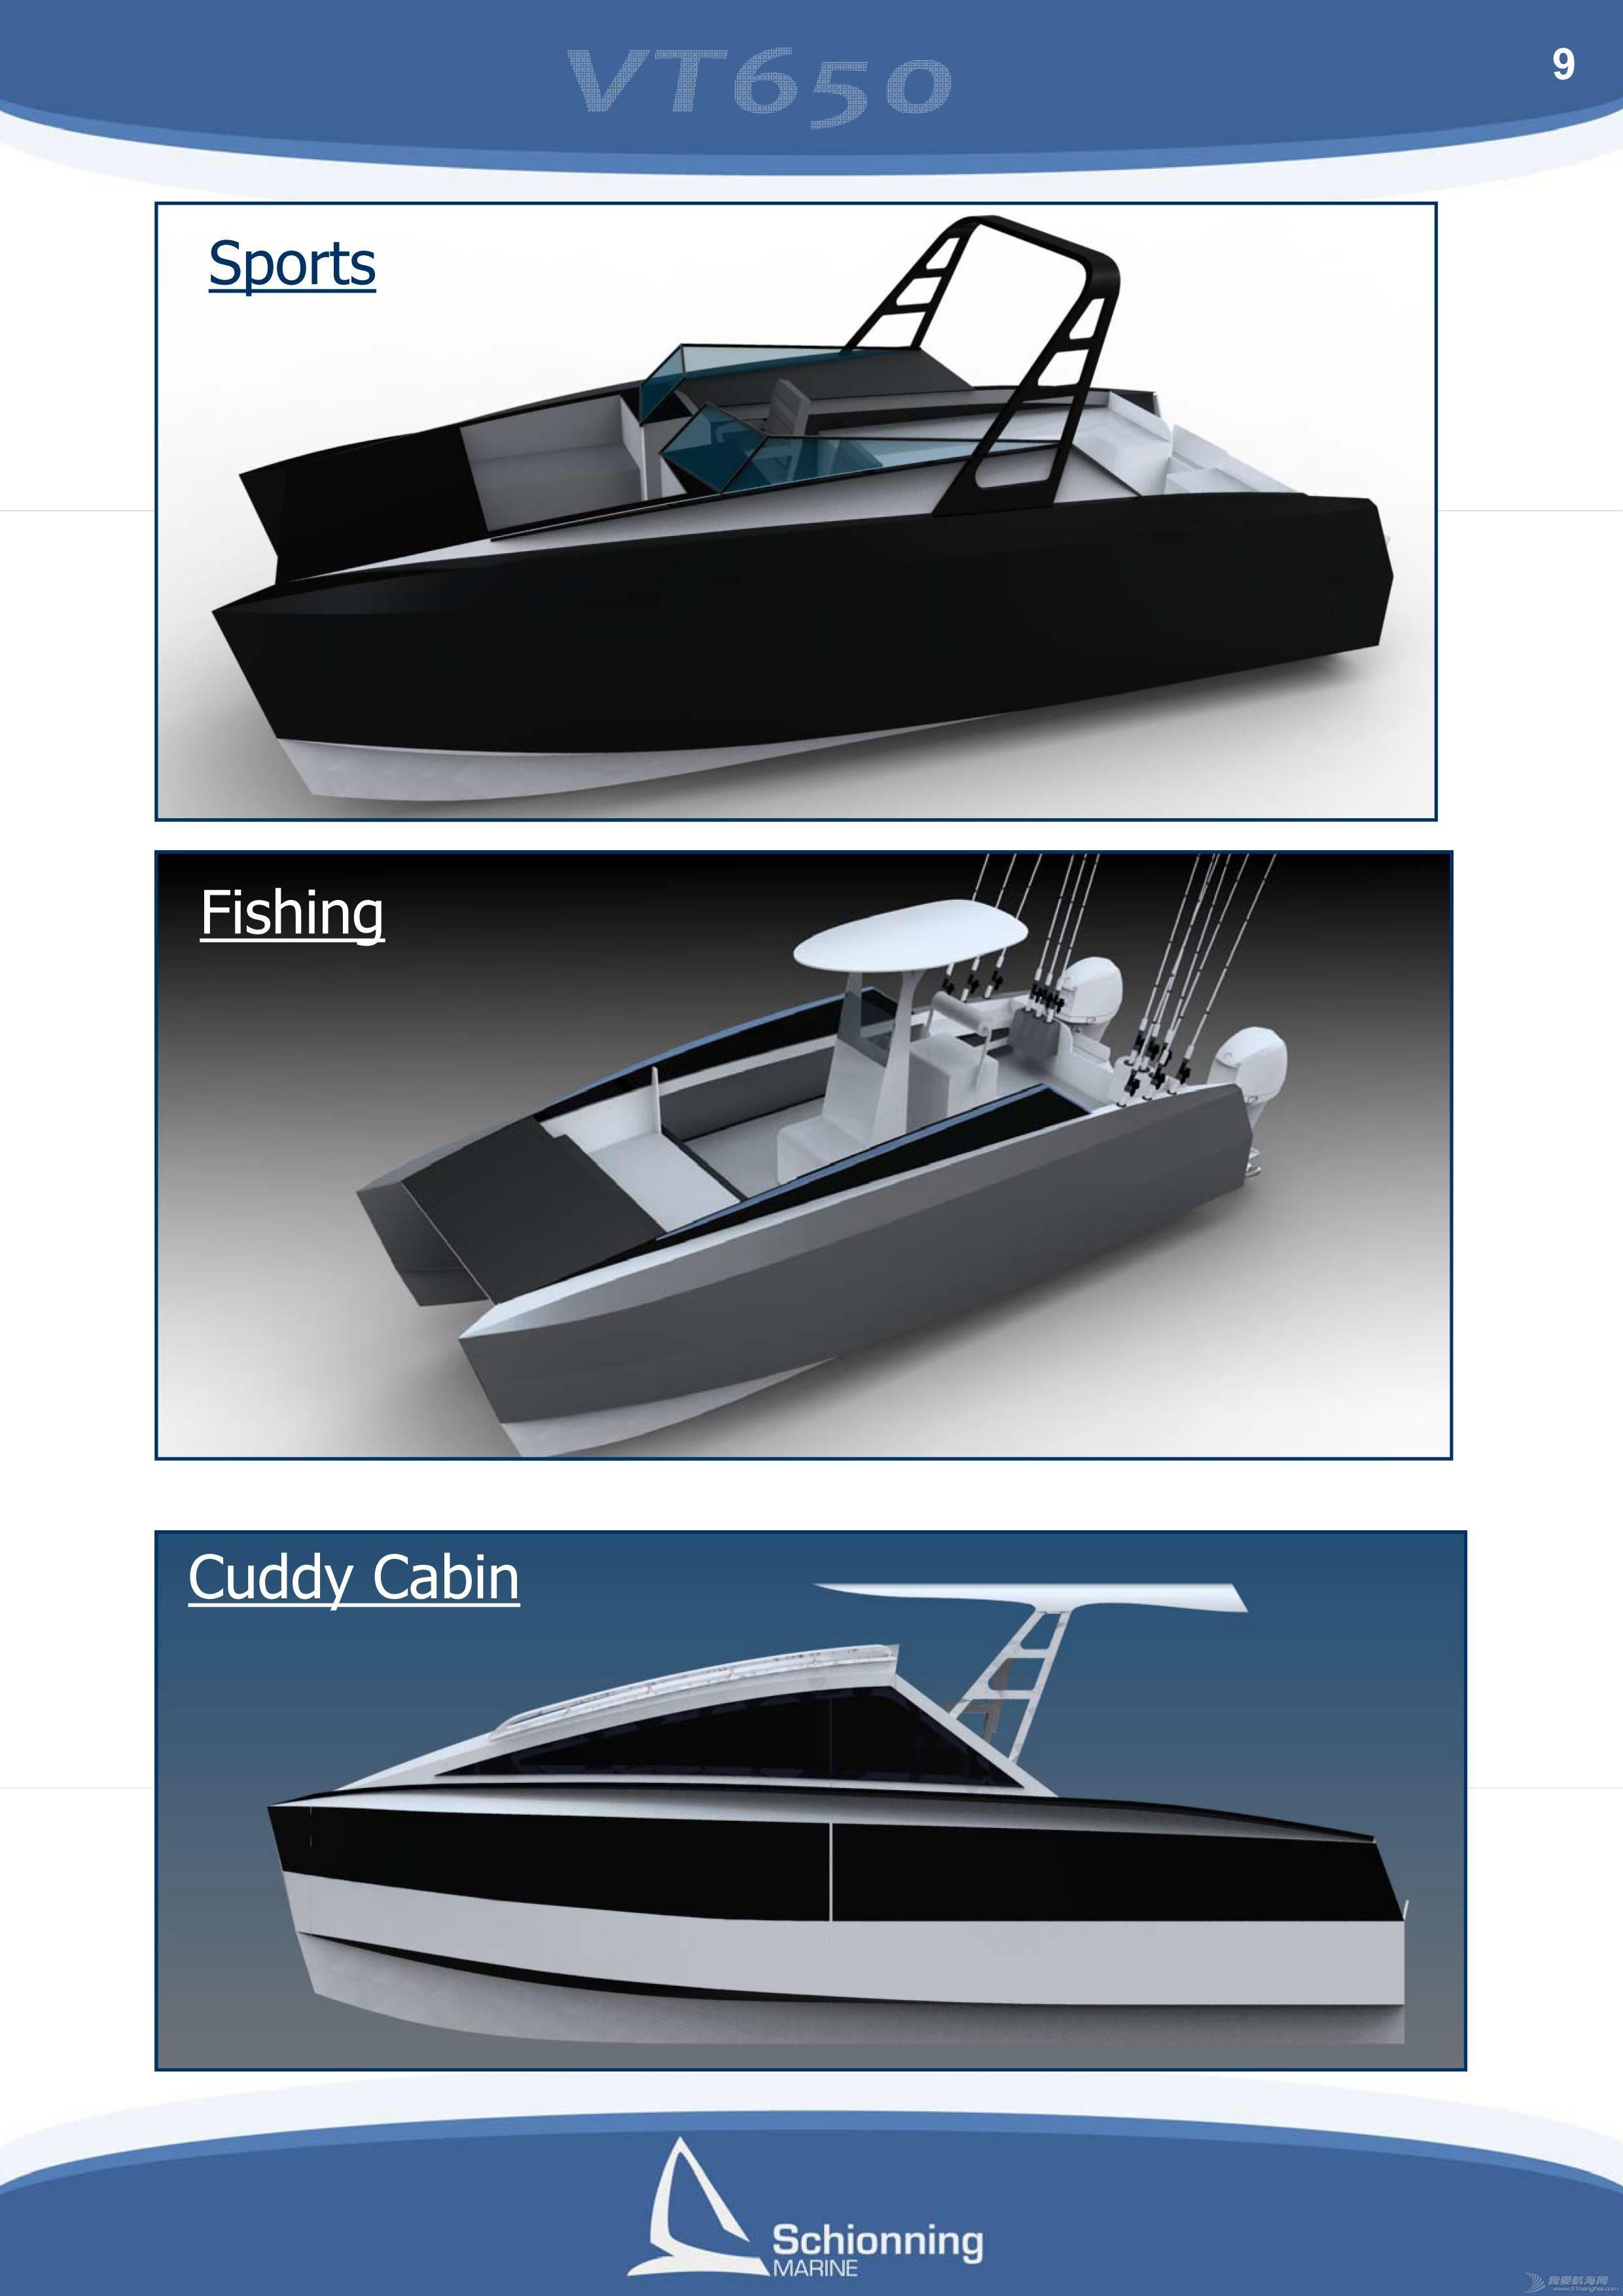 帆船 雙體遊艇DIY方案-Prowler VT650